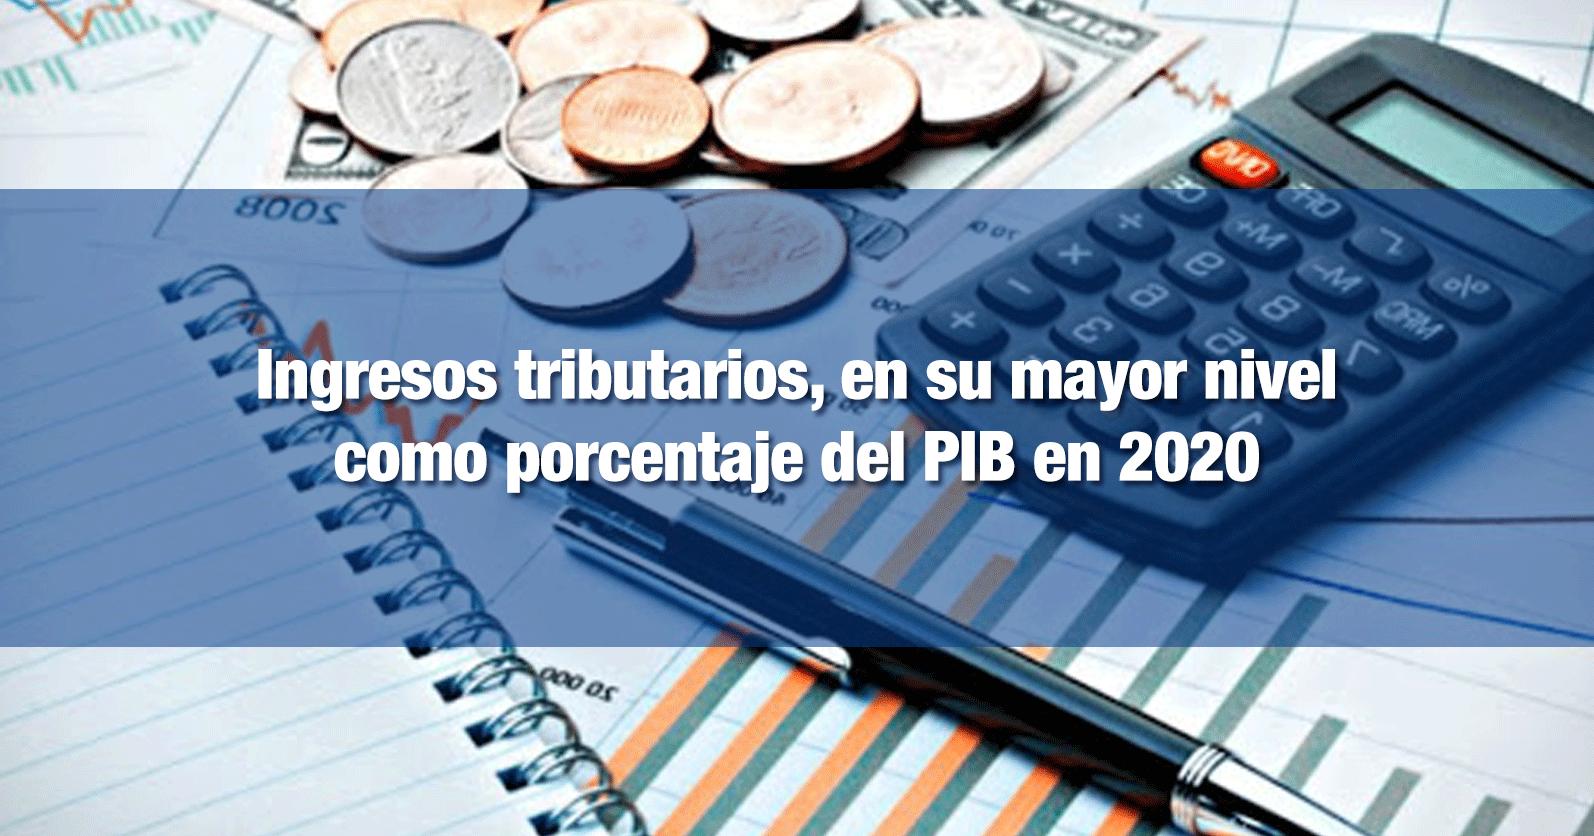 Ingresos tributarios, en su mayor nivel como porcentaje del PIB en 2020